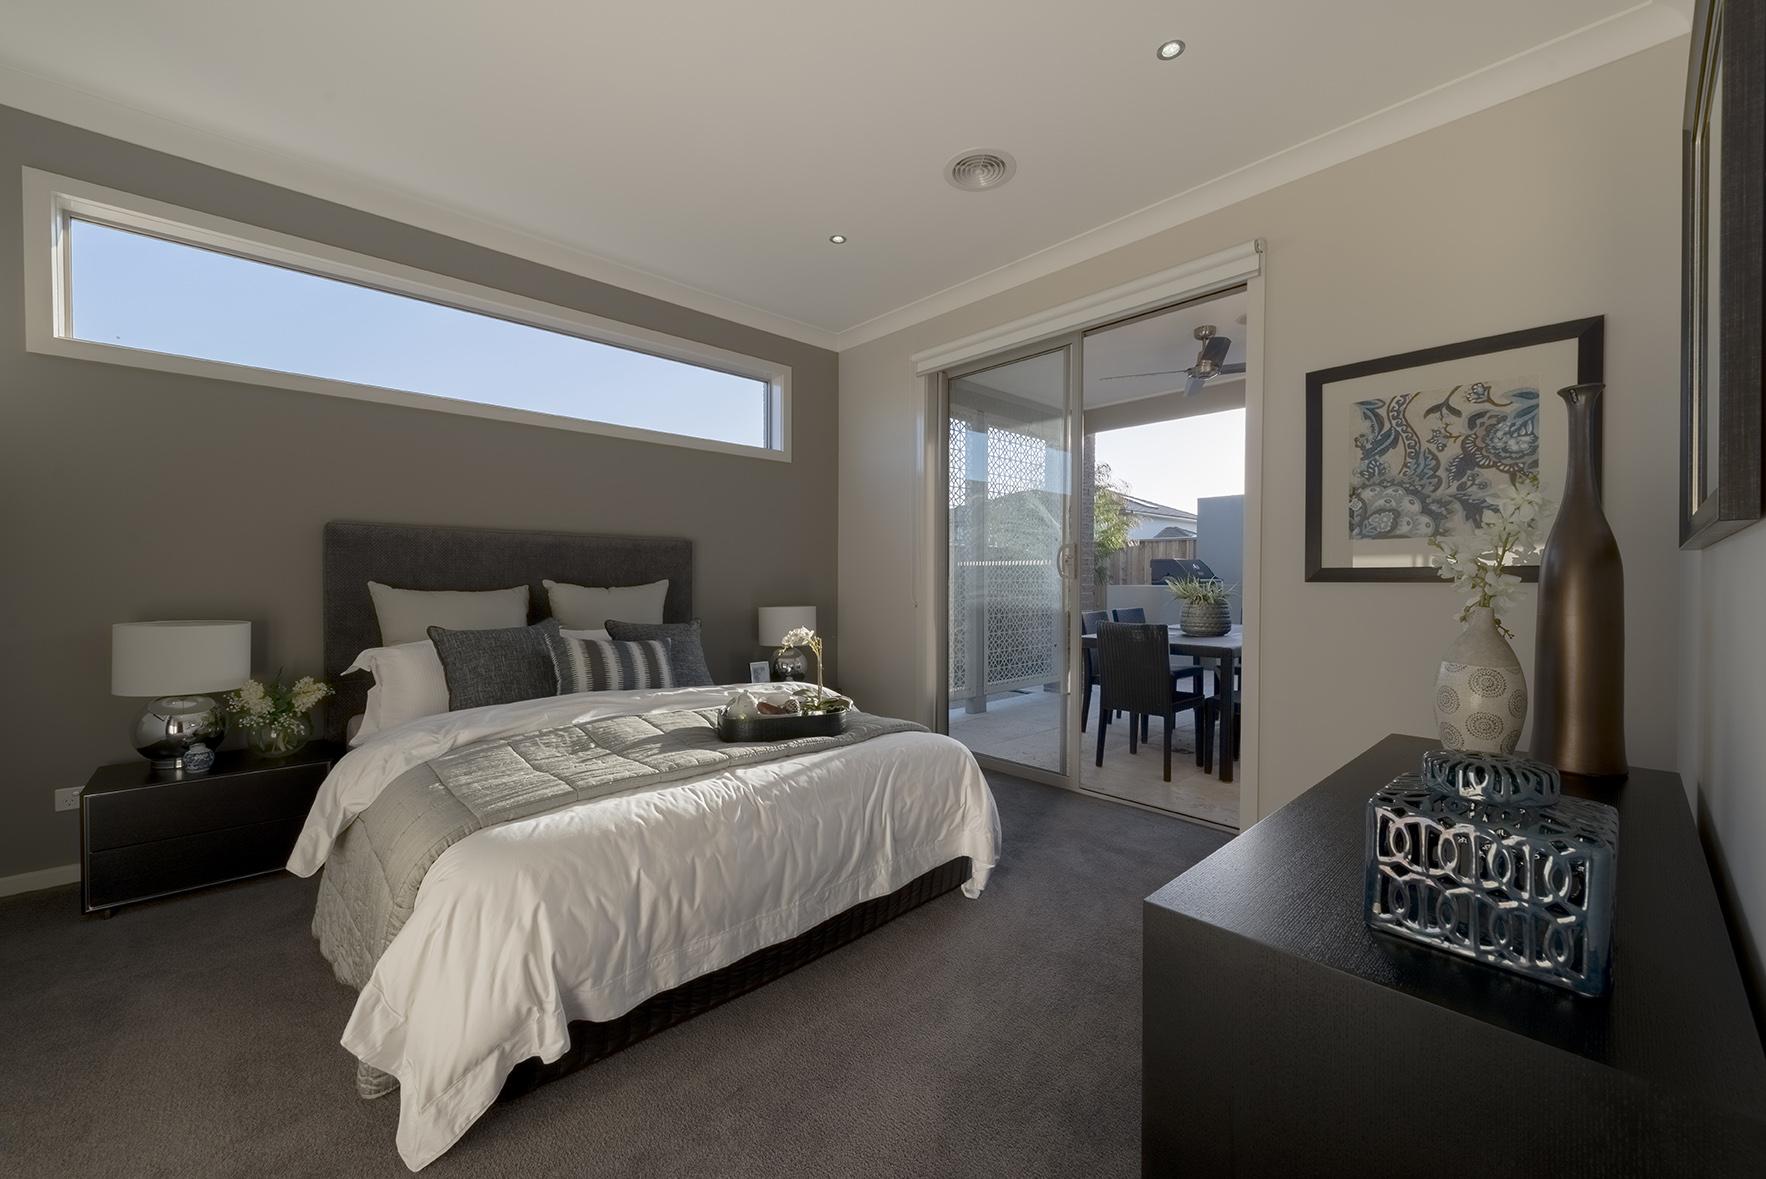 Hilton 26 Home Design